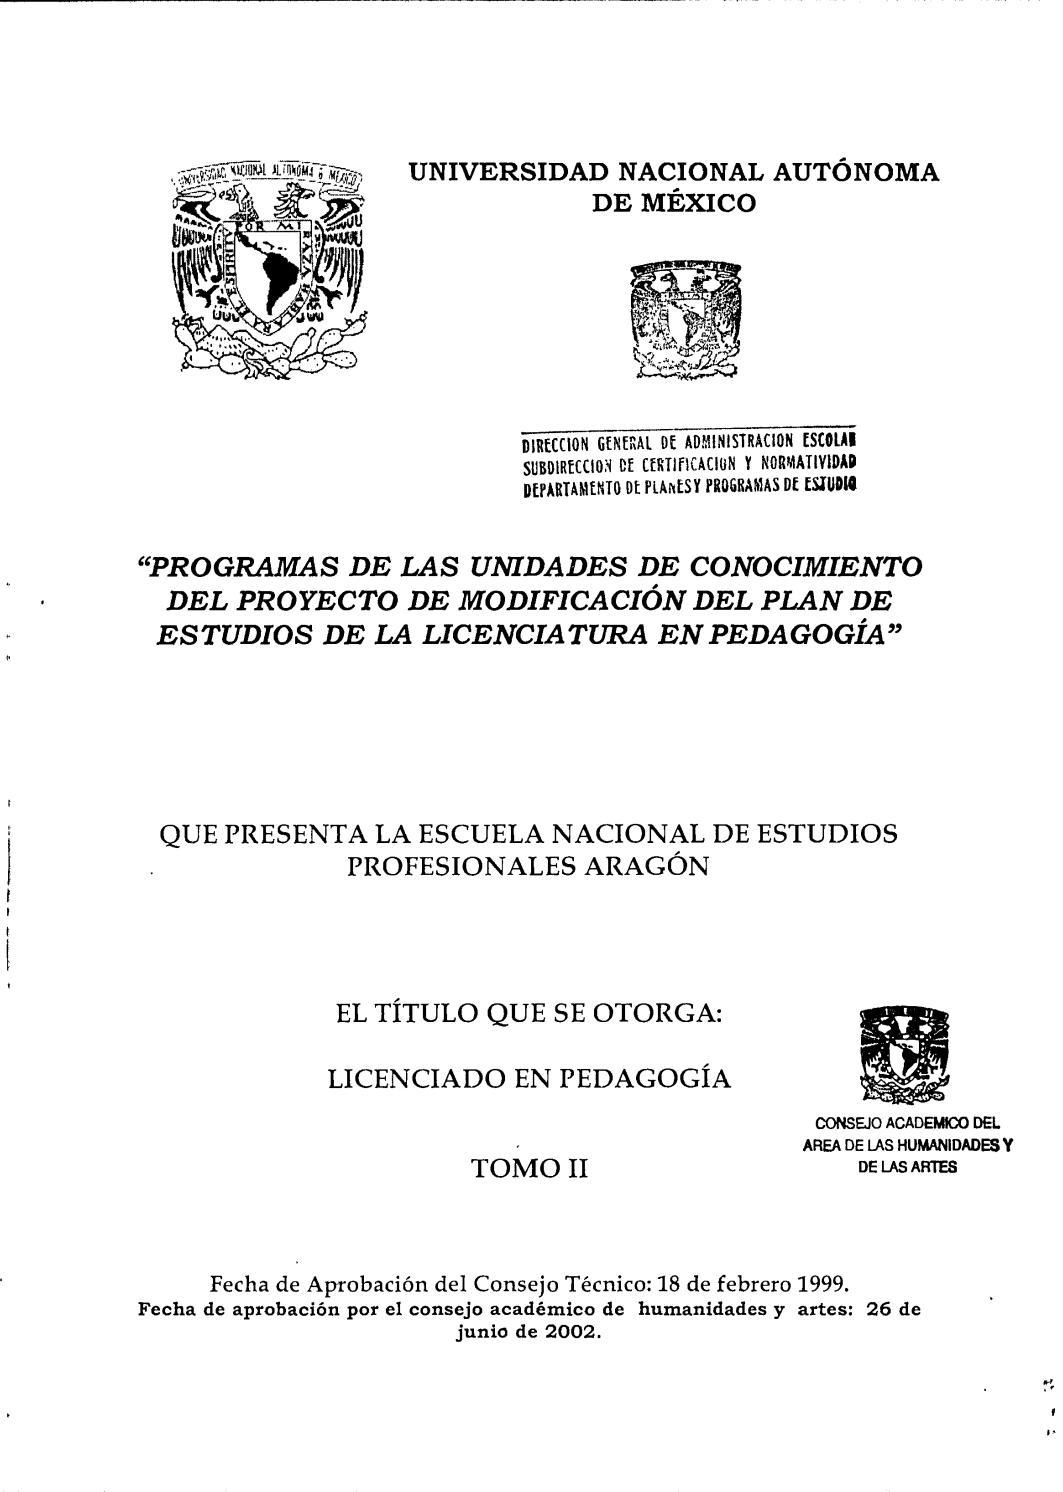 Famoso Pastor De Juventud Reanudar Muestras Ornamento - Ejemplo De ...